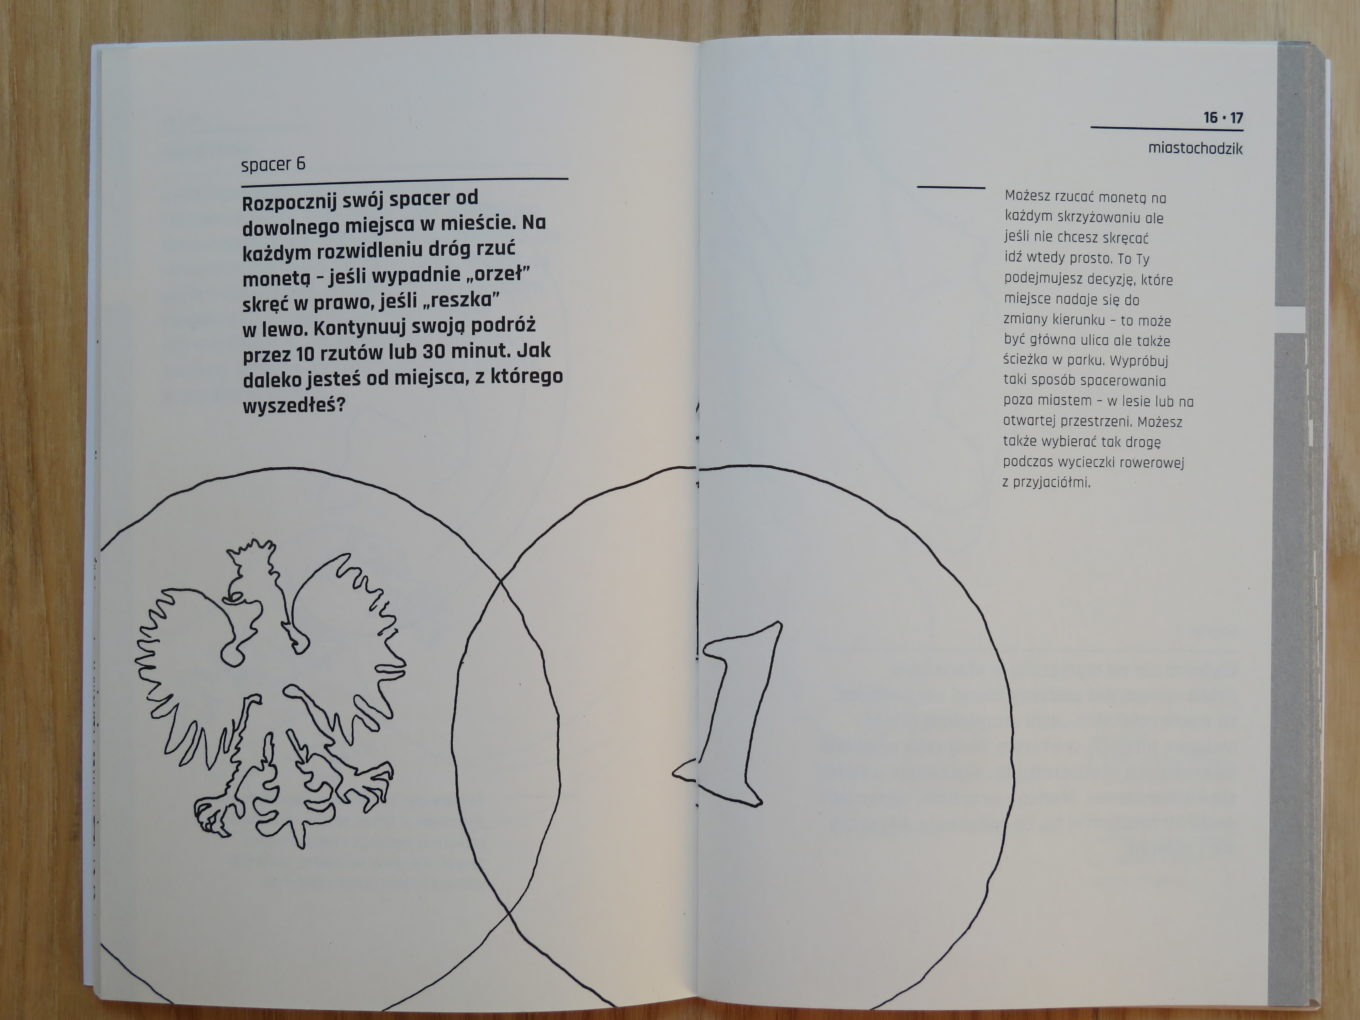 """Instrukcja do spaceru nr 6 z książeczki dr. Pawła Kuli """"miastochodzik. Spacery miejskie"""",2018"""